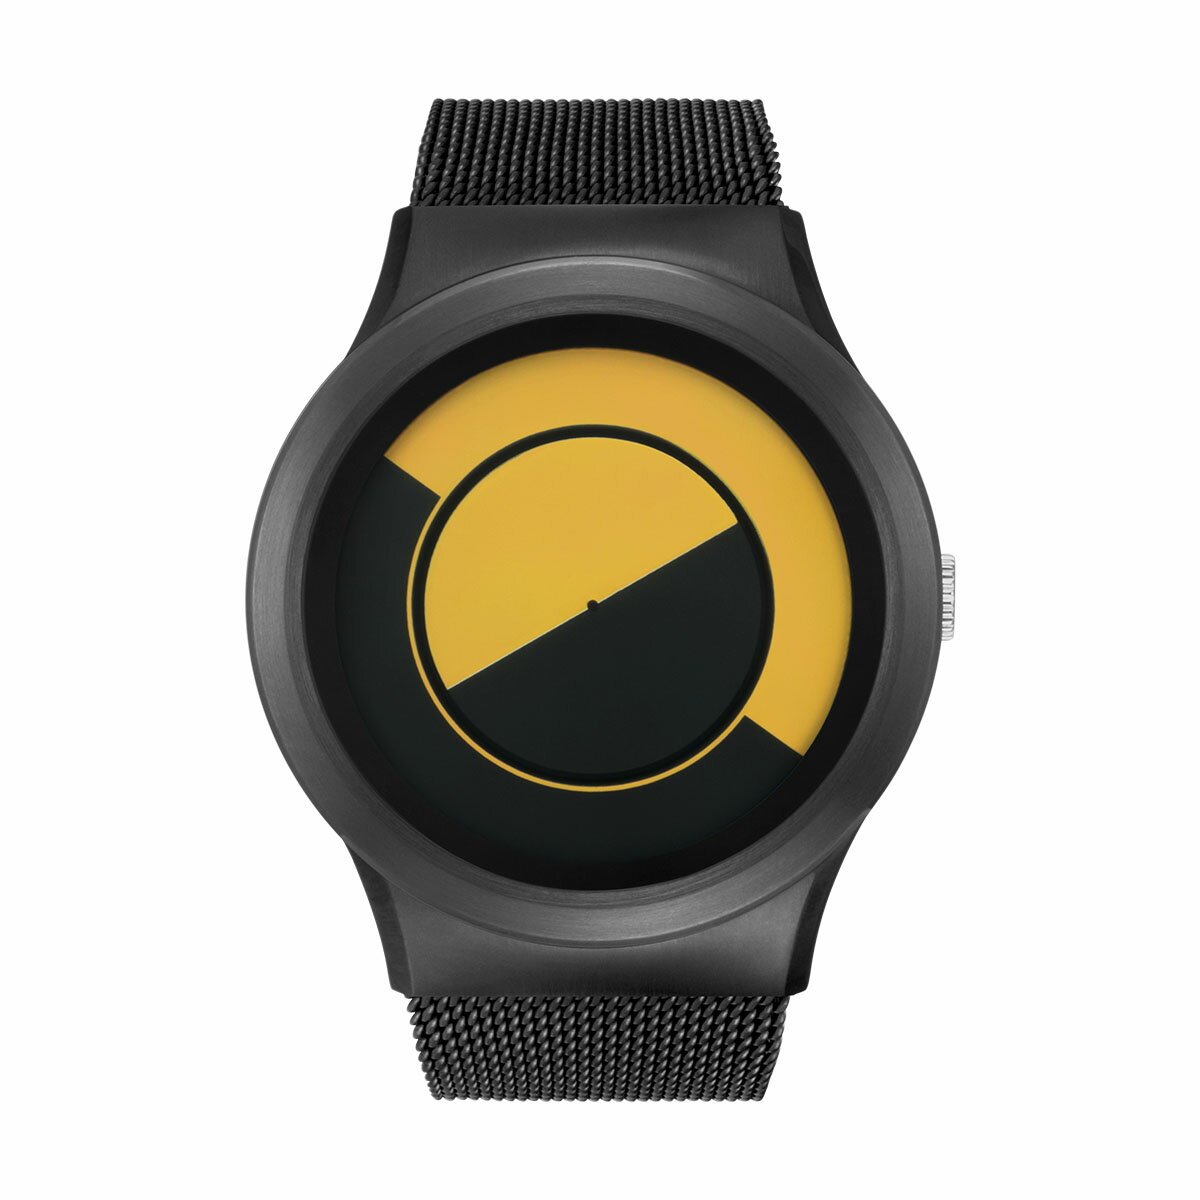 ZEROO QUARTER MOON ゼロ 電池式クォーツ 腕時計 [W08034B03SM03] イエロー デザインウォッチ ペア用 メンズ レディース ユニセックス おしゃれ時計 デザイナーズ